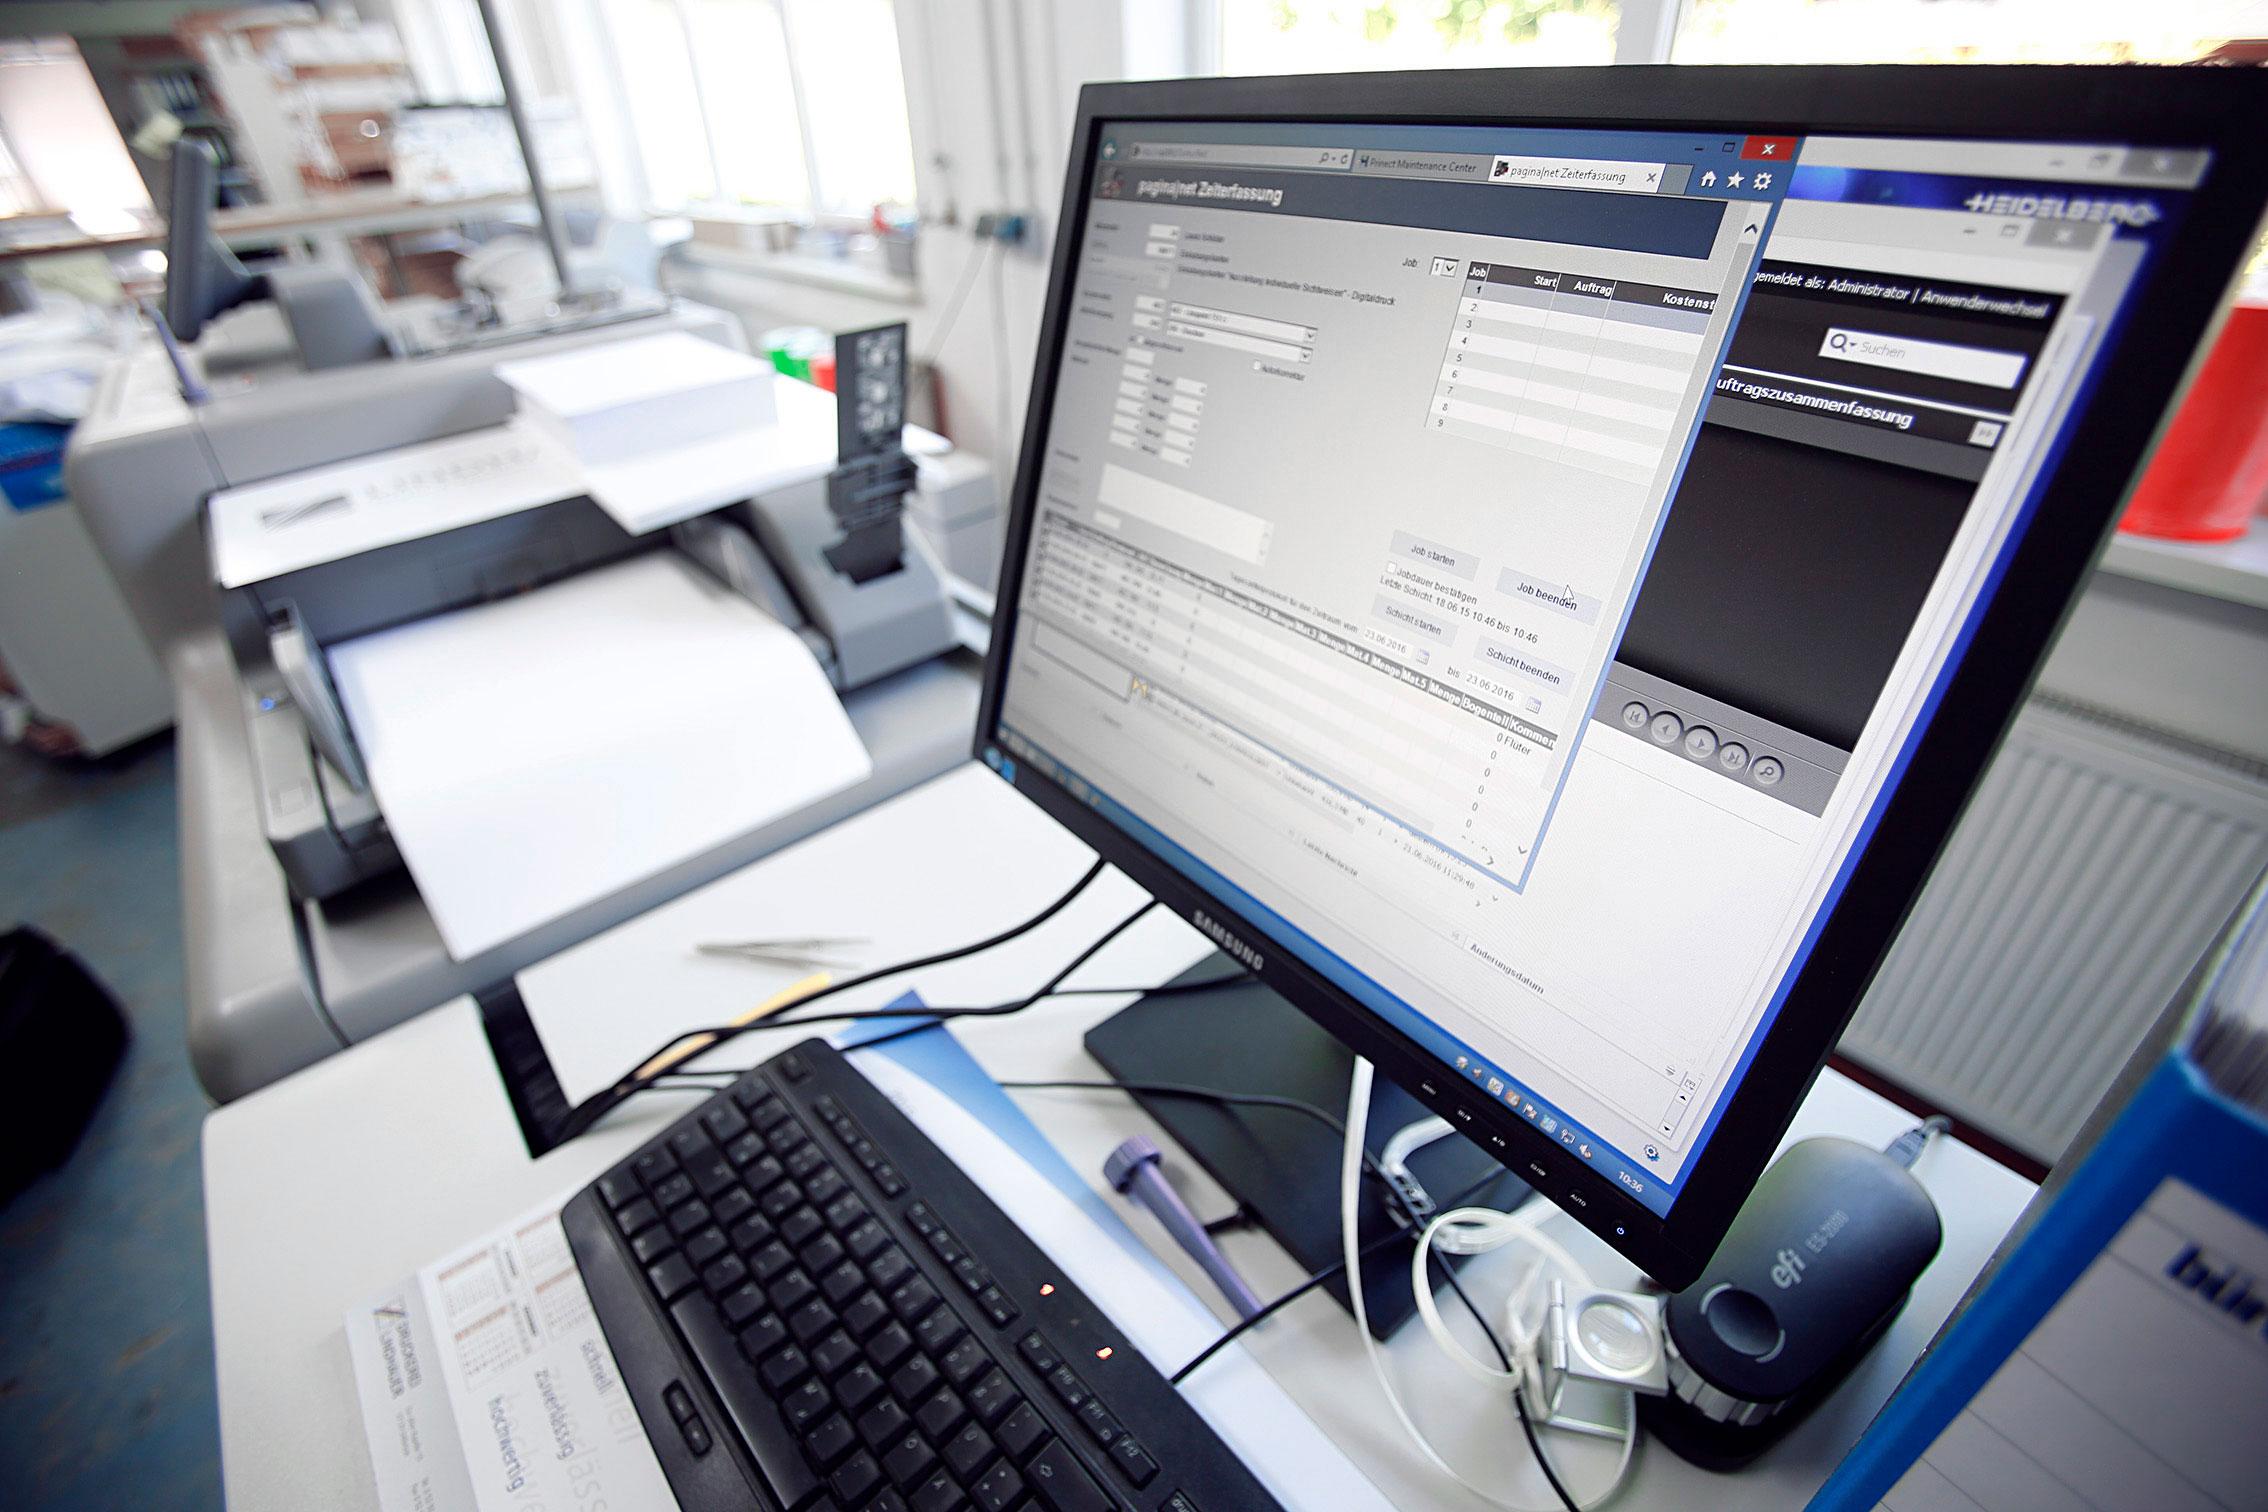 druckerei_lindhauer_druck_medien_produktion_digitaldruck_computer_paderborn